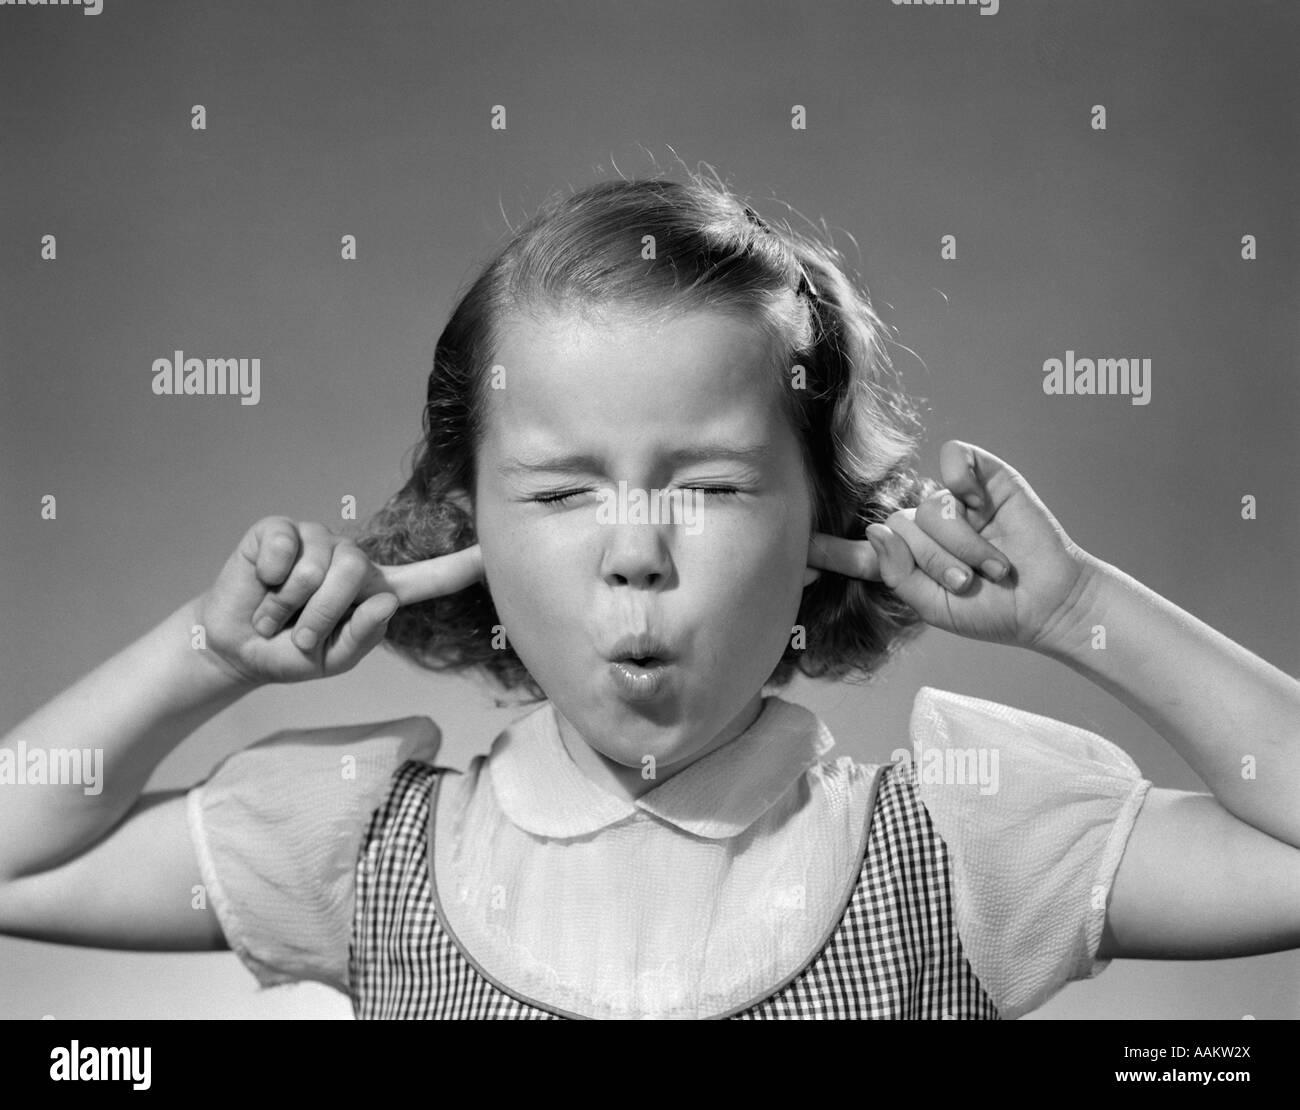 1950 GIRL AVEC LES DOIGTS DANS LES OREILLES LES YEUX FERMÉS BRUIT AUDIENCE Photo Stock